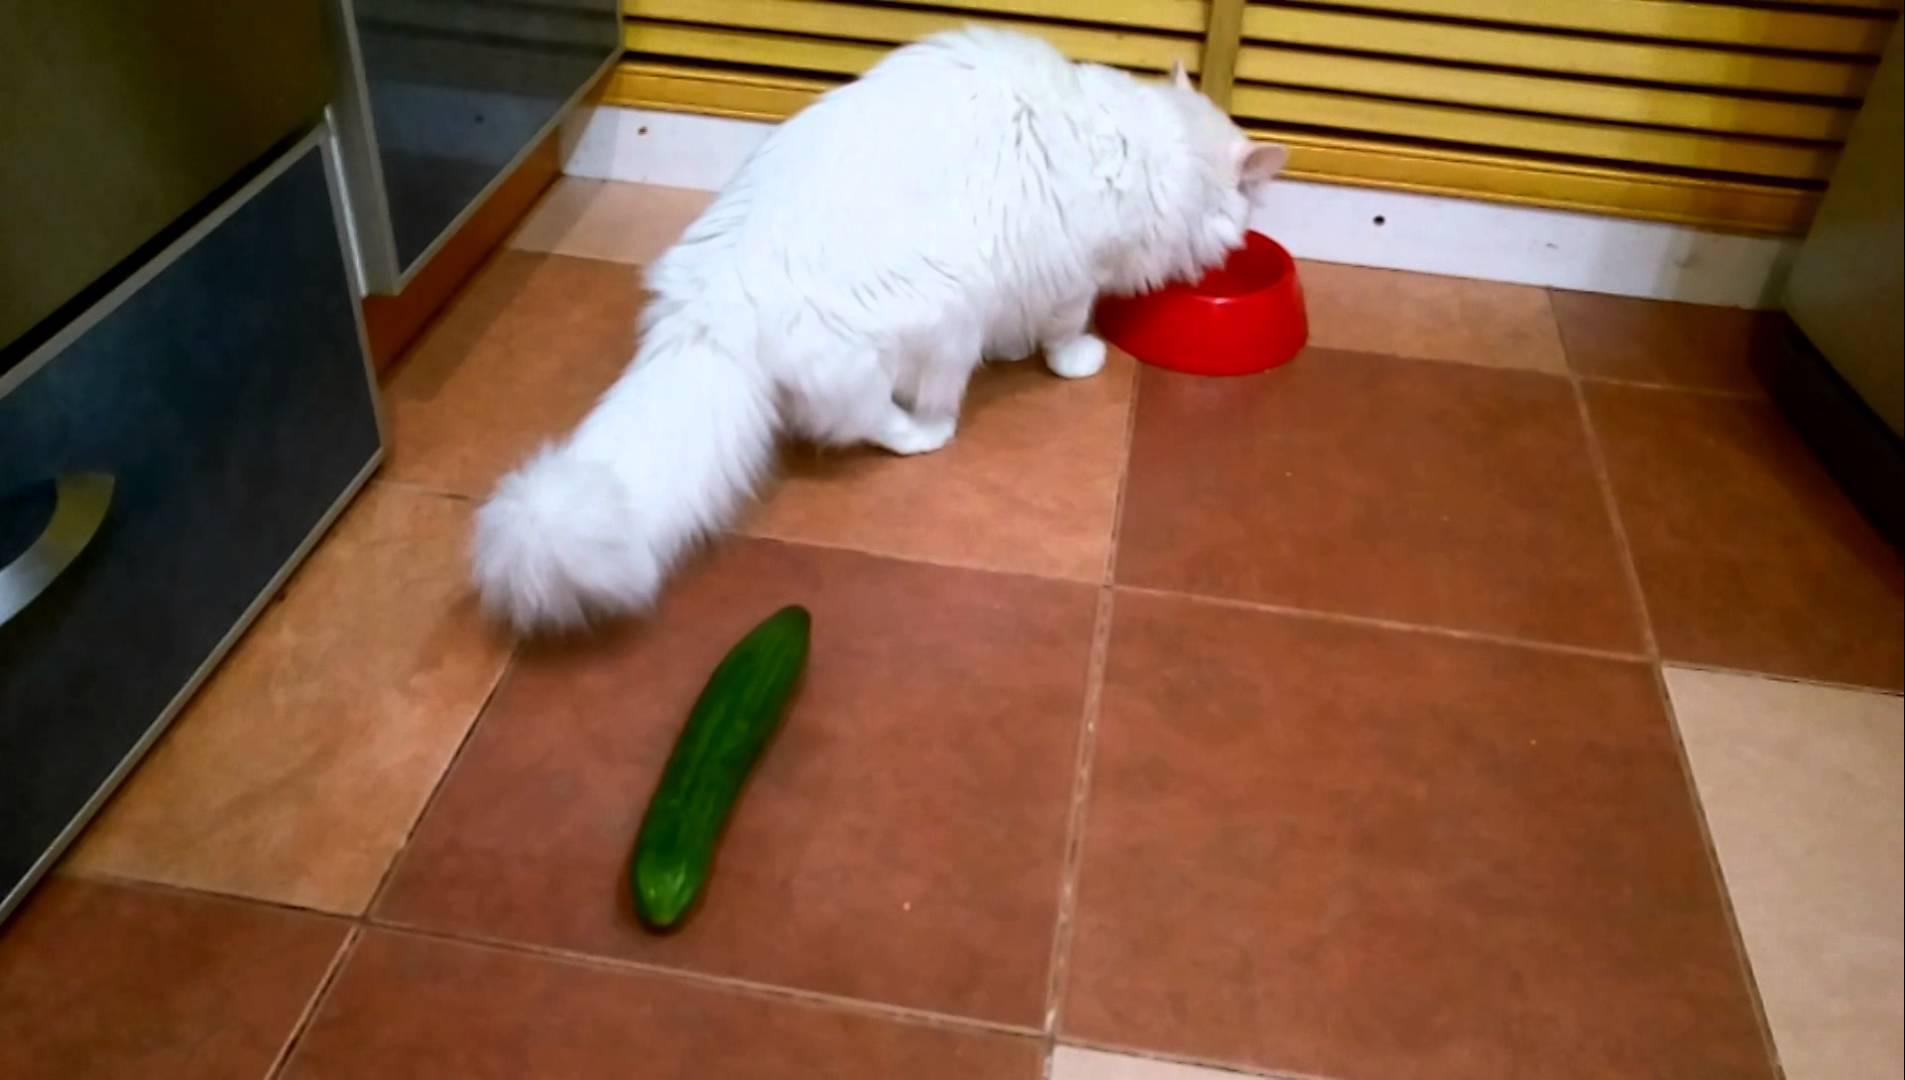 Почему кошки боятся огурцов? несколько фактов о страхе кошек и котов перед огурцами.